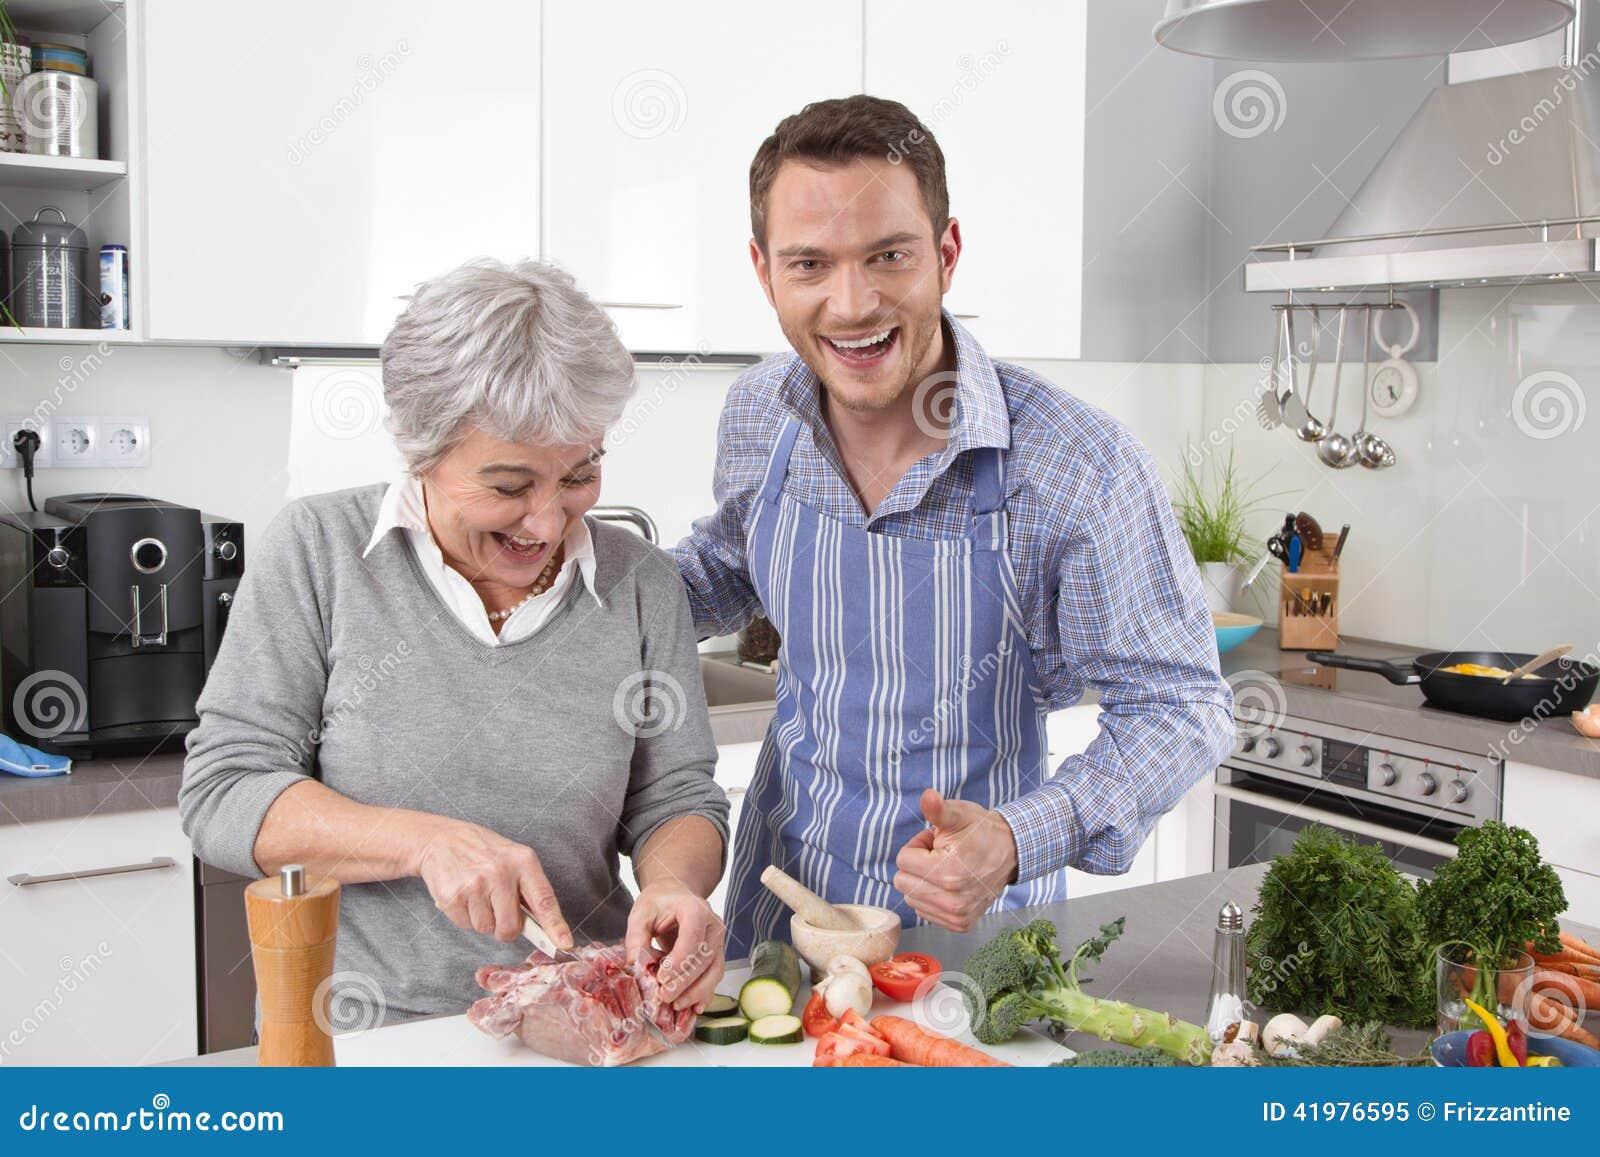 Hotellmamma: ung man och äldre kvinna som tillsammans lagar mat griskött